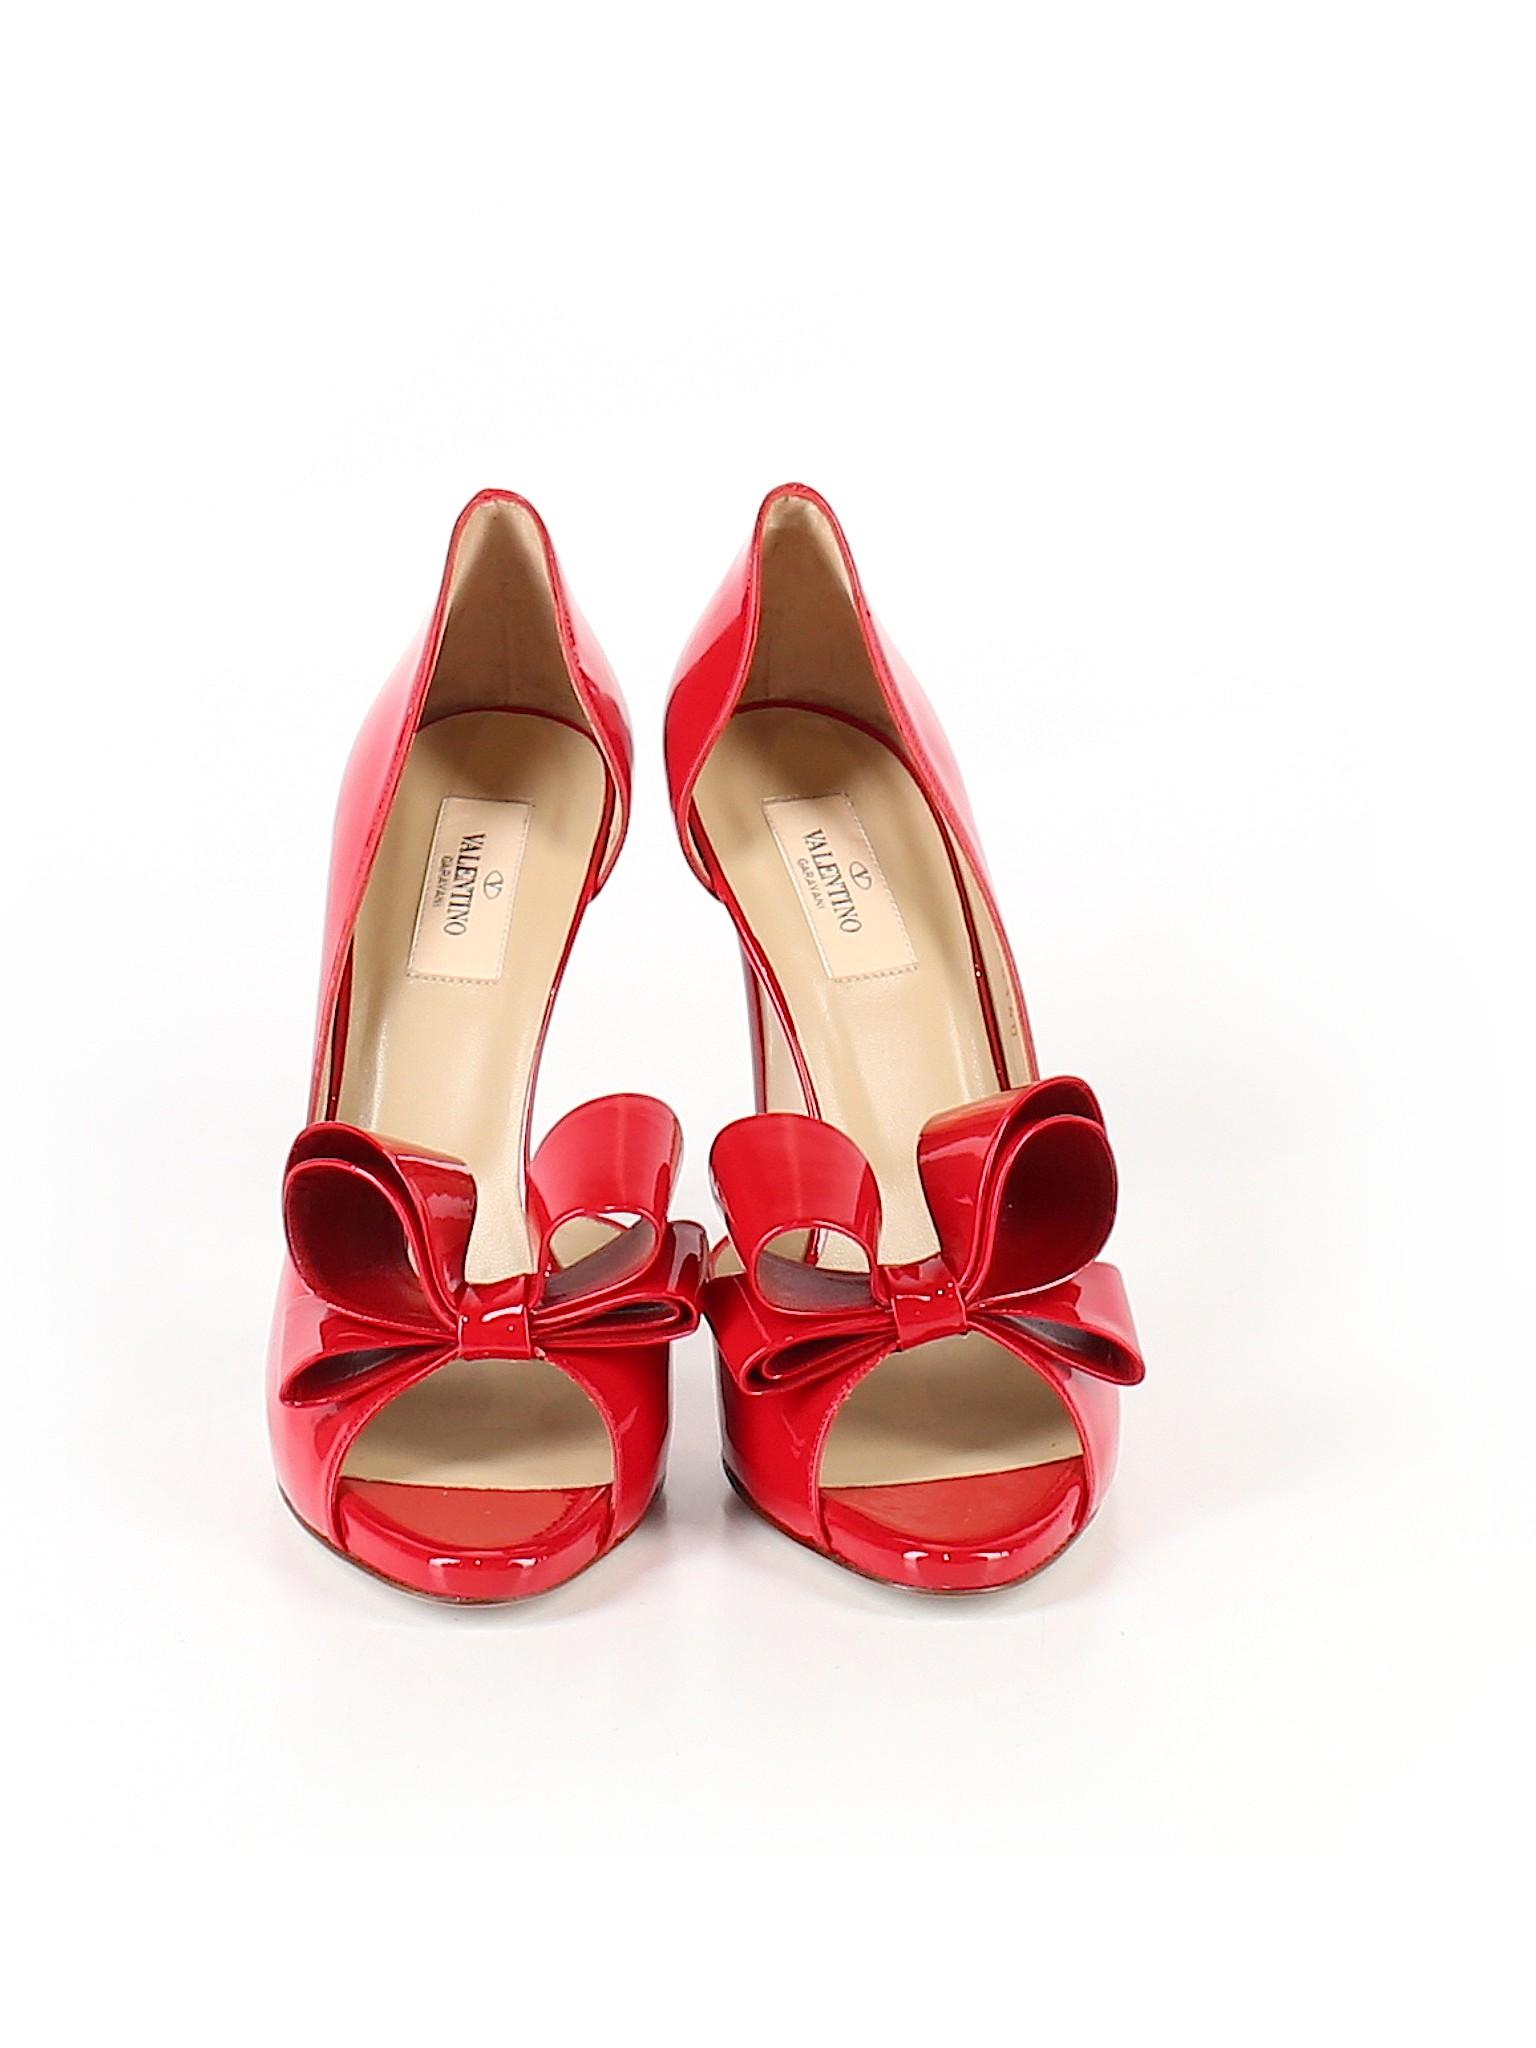 Boutique promotion Boutique Heels Heels Valentino promotion Garavani promotion promotion Valentino Garavani Garavani Valentino Boutique Heels Boutique PBwCqHa